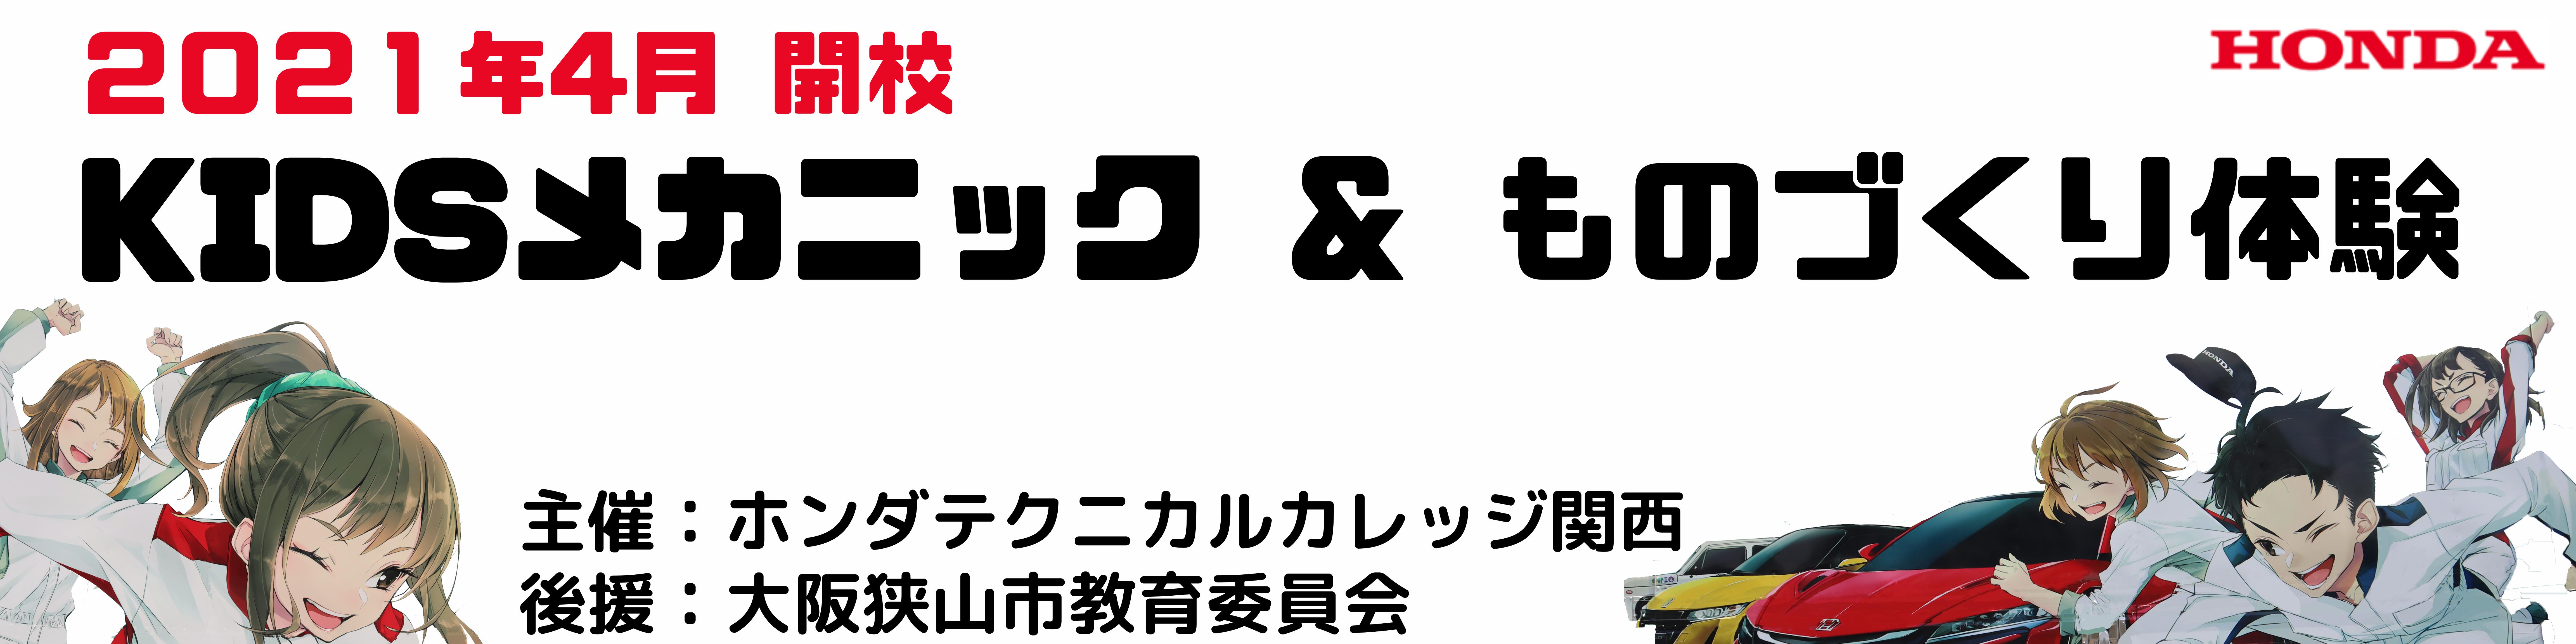 【4月開校】KIDSメカニック&ものづくり教室@後援:大阪狭山市教育委員会